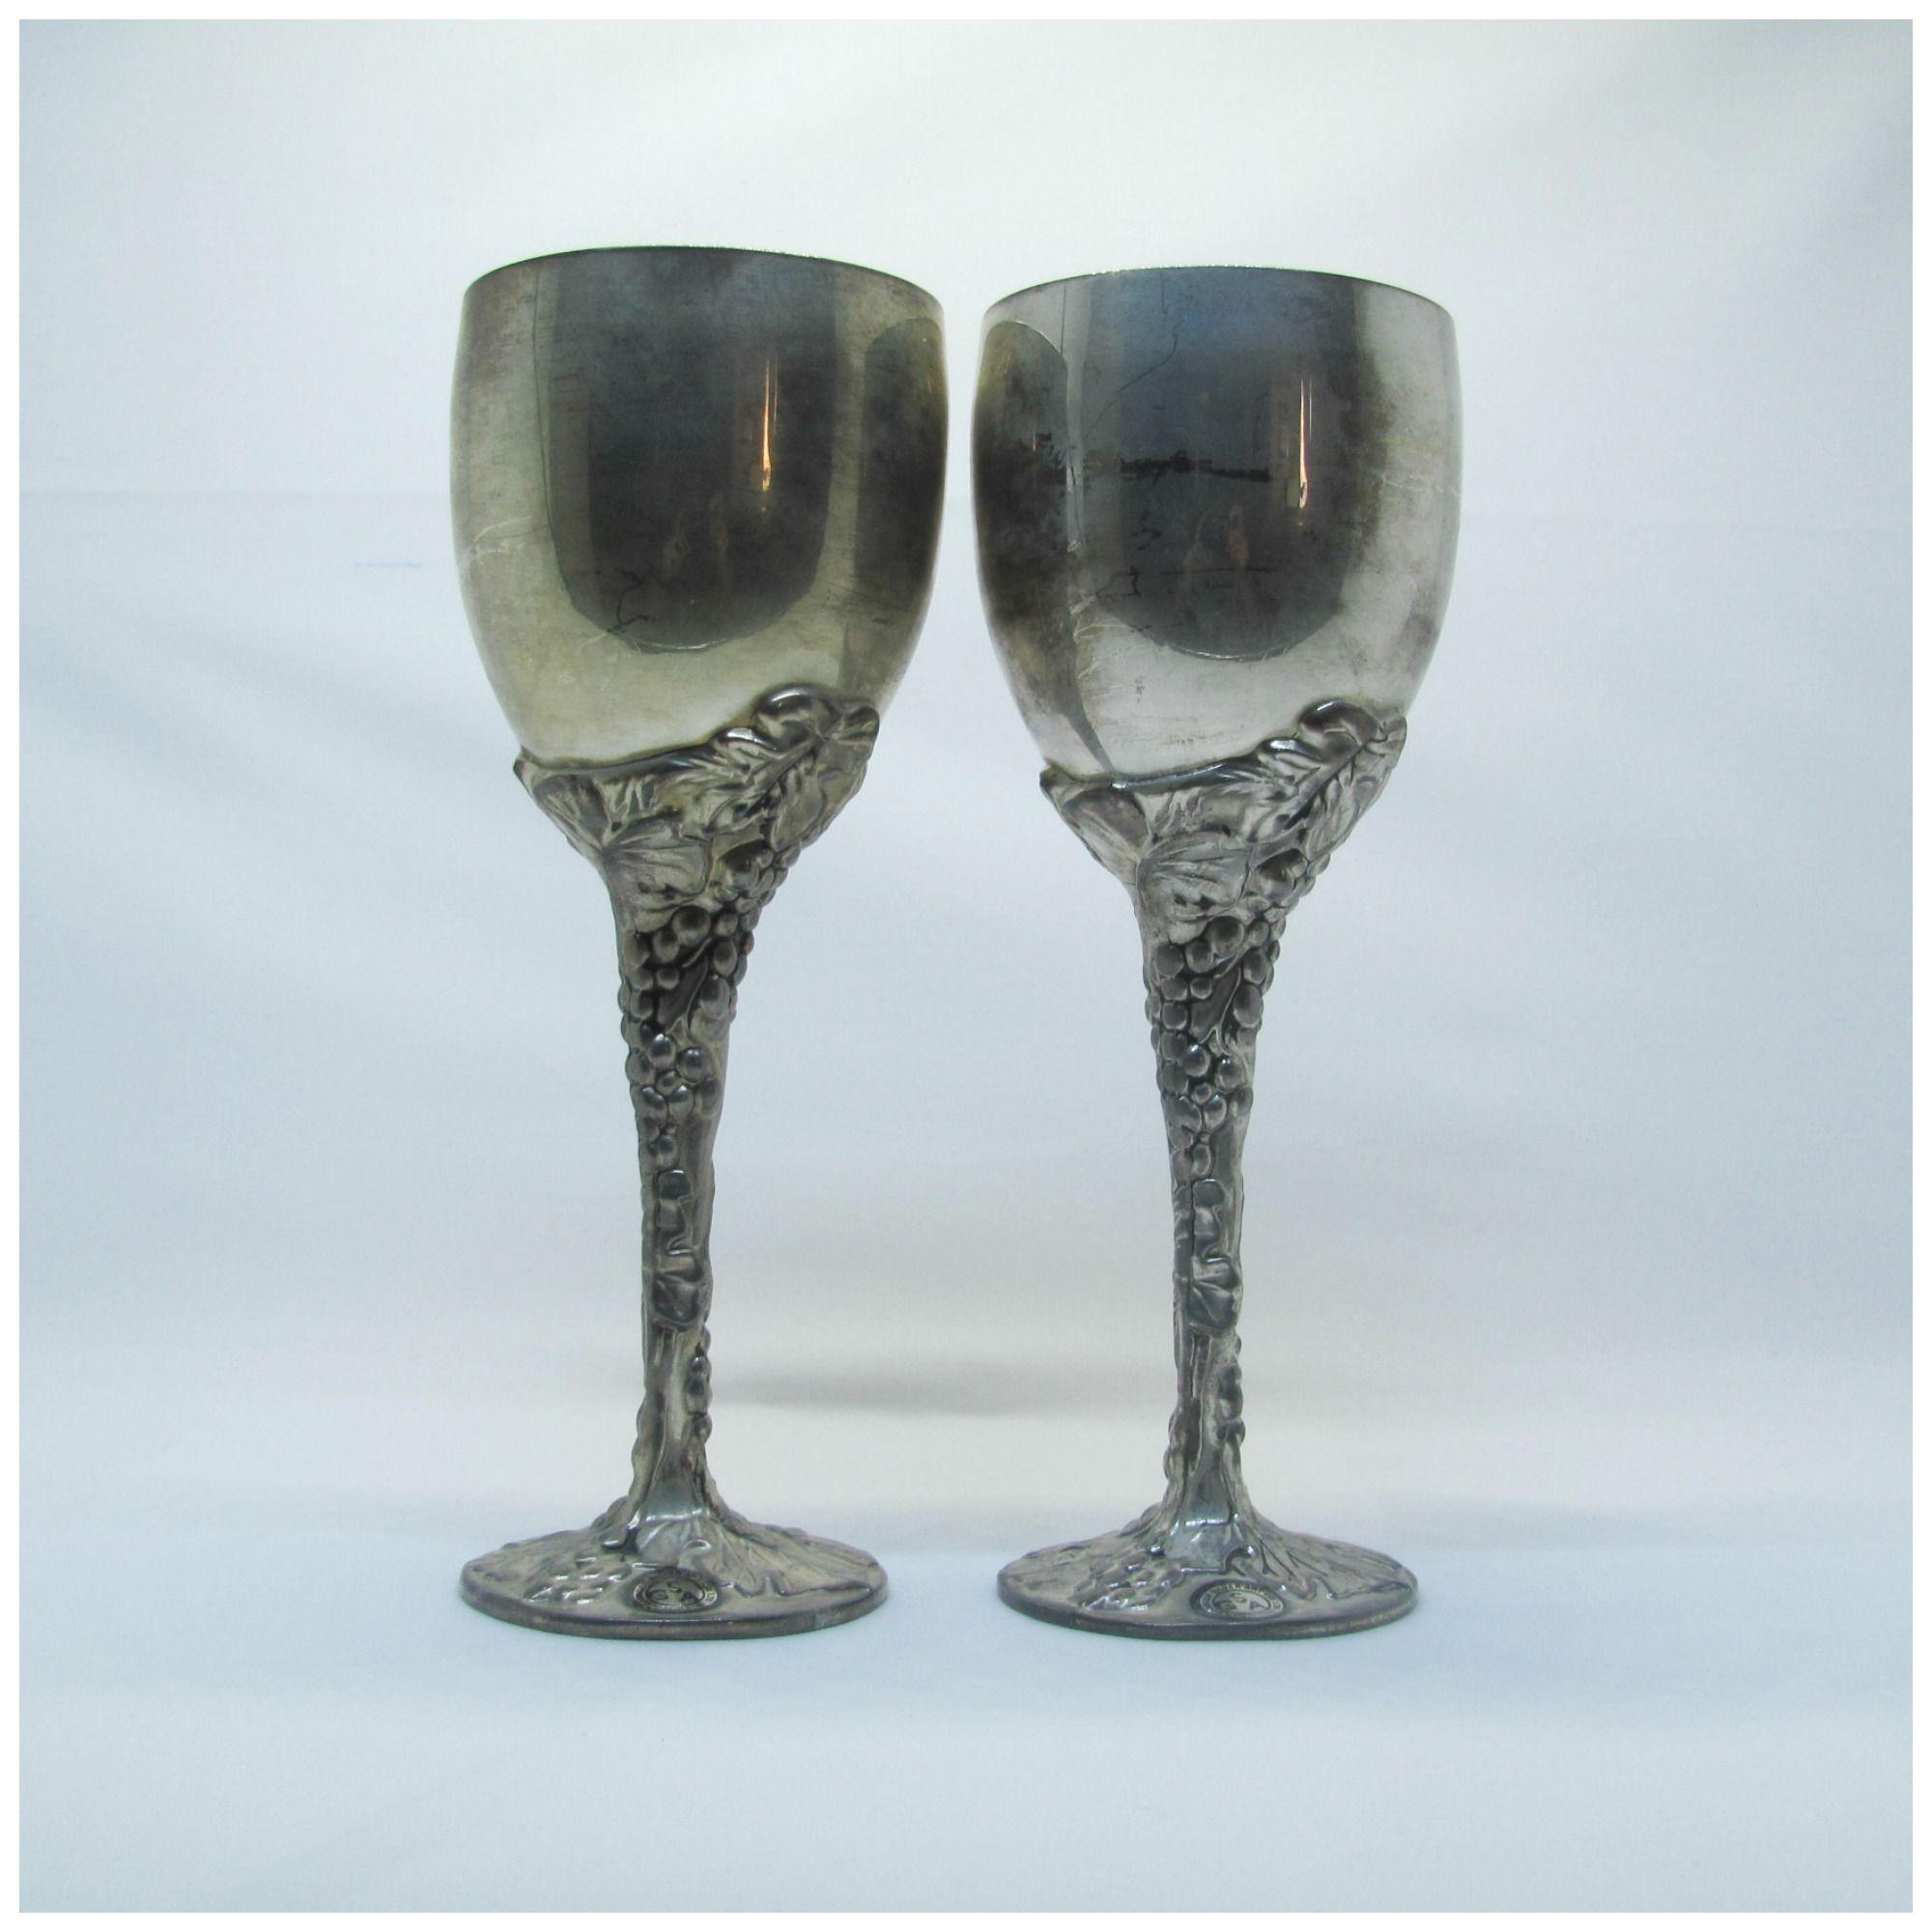 Vintage Godinger Silver Art CoLTD Silver Plated Wine Goblets Wine